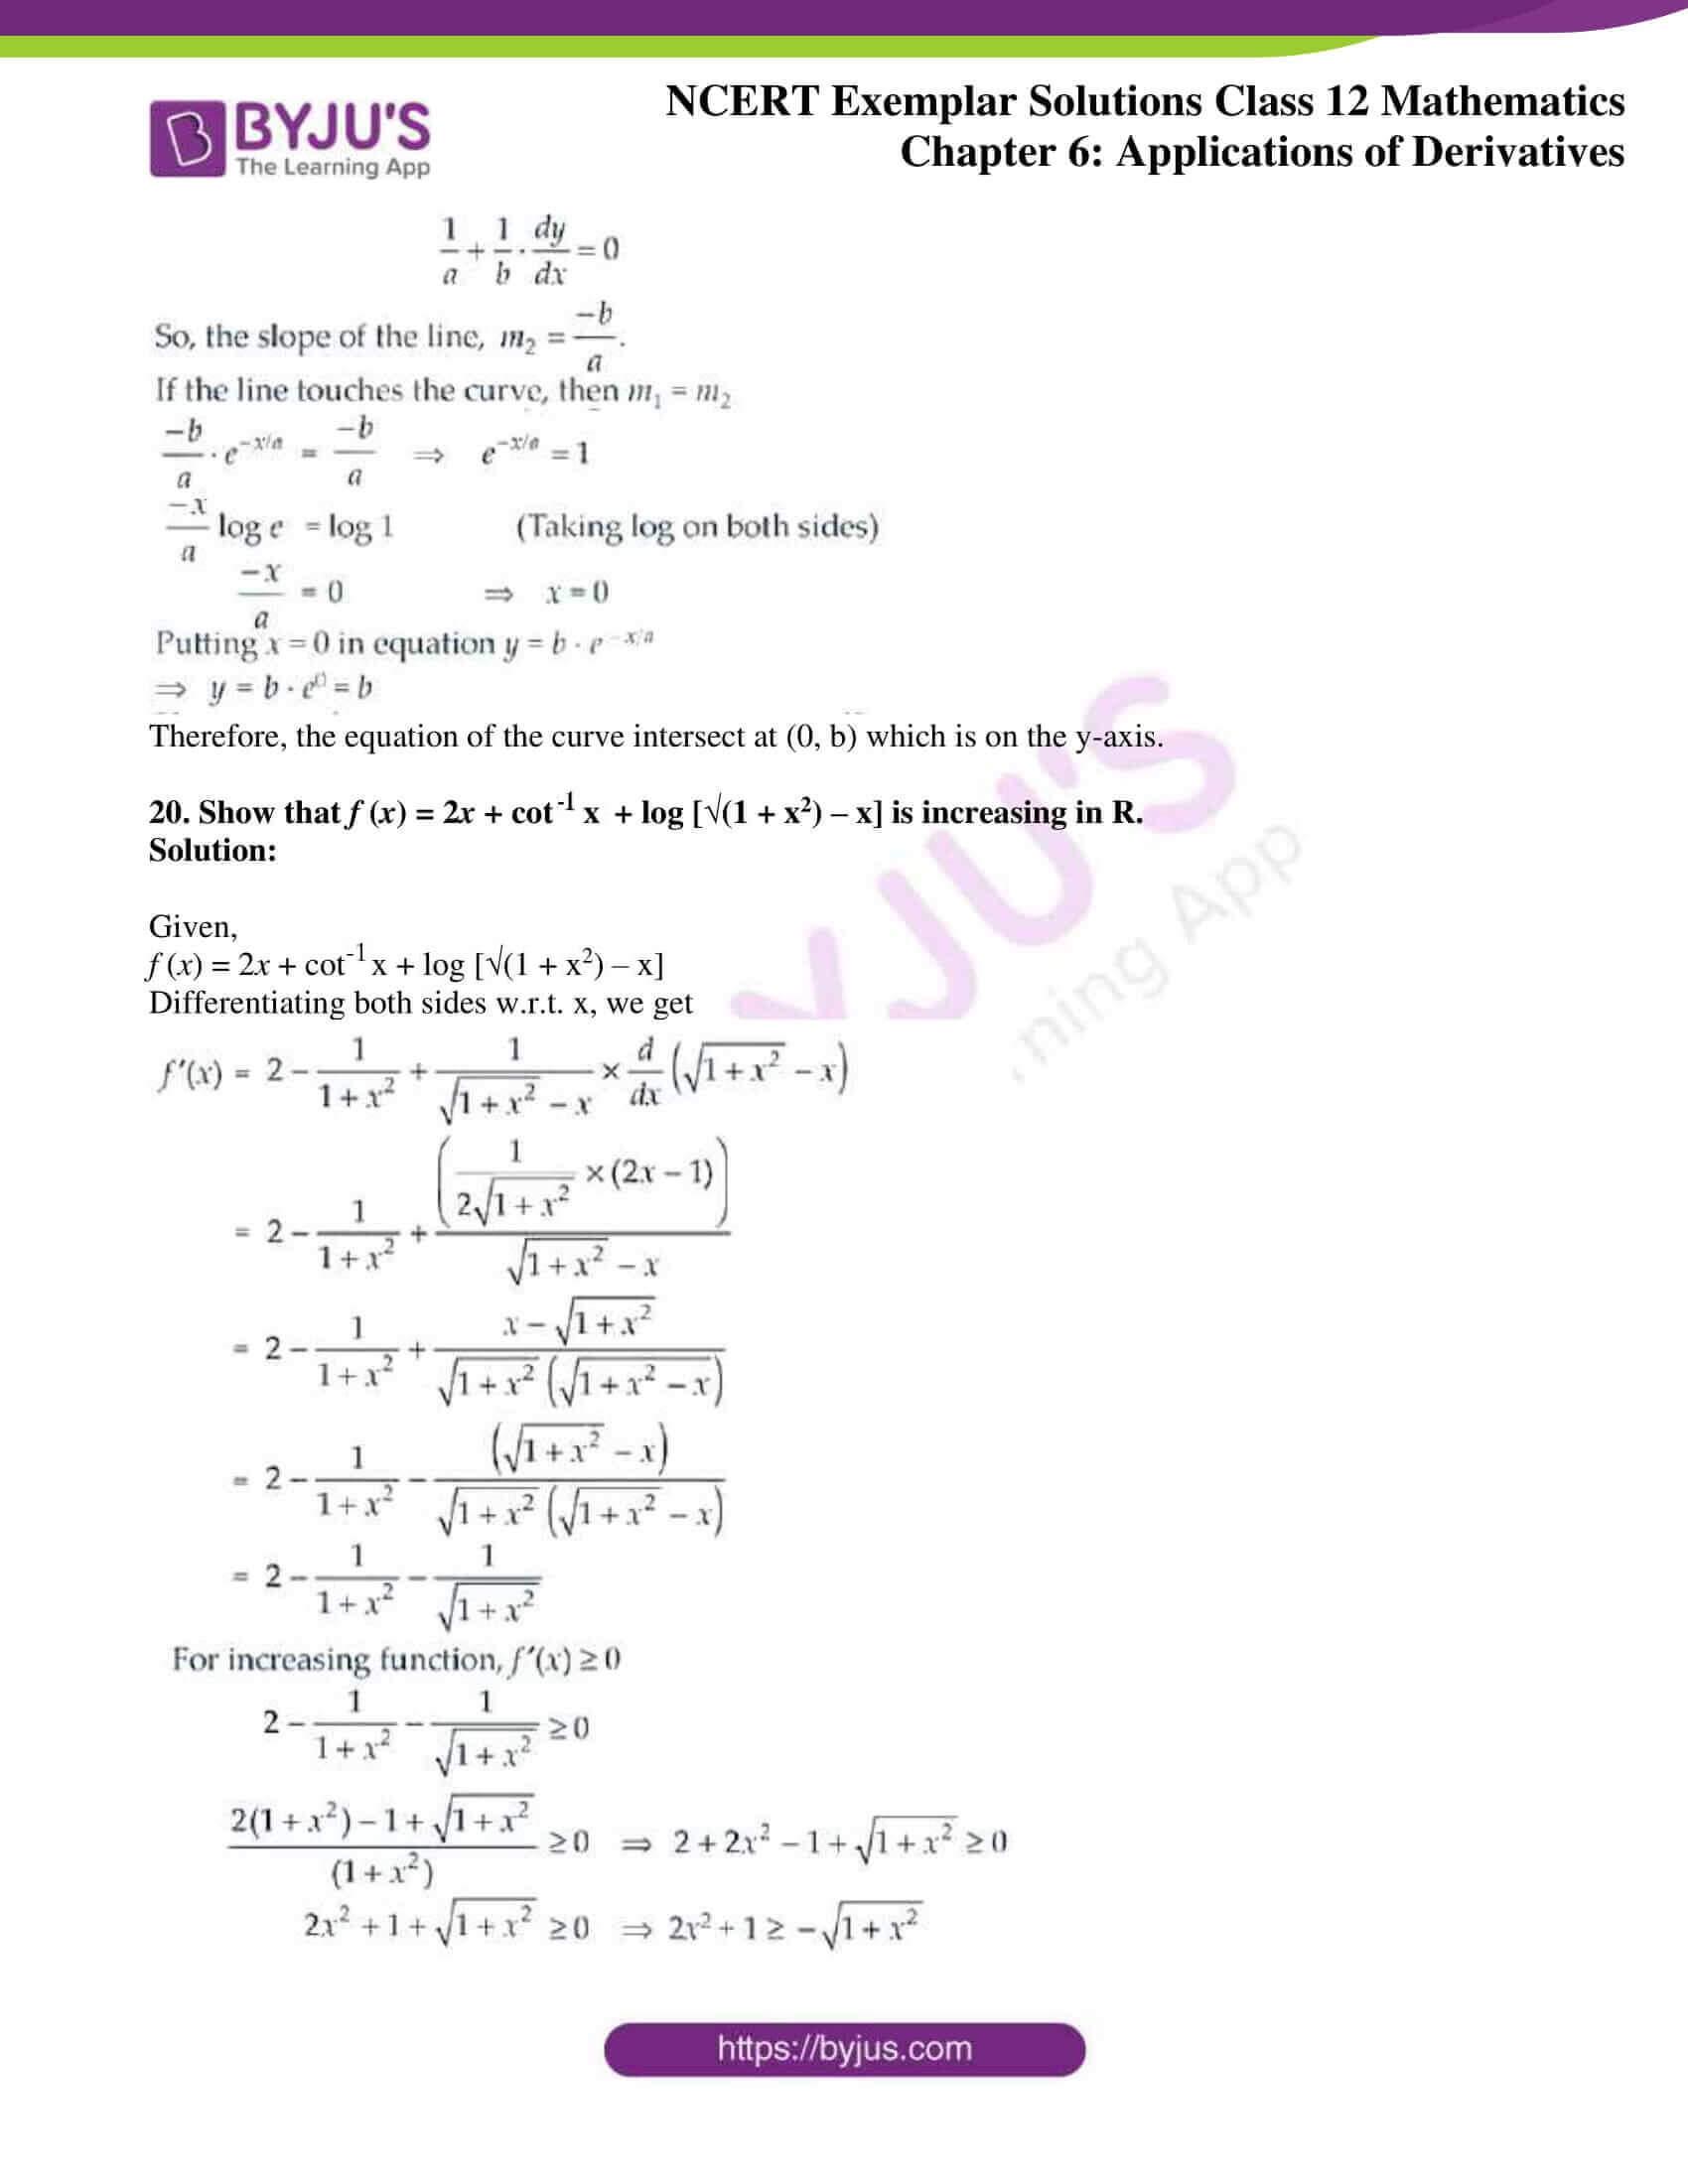 ncert exemplar sol class 12 math ch6 11